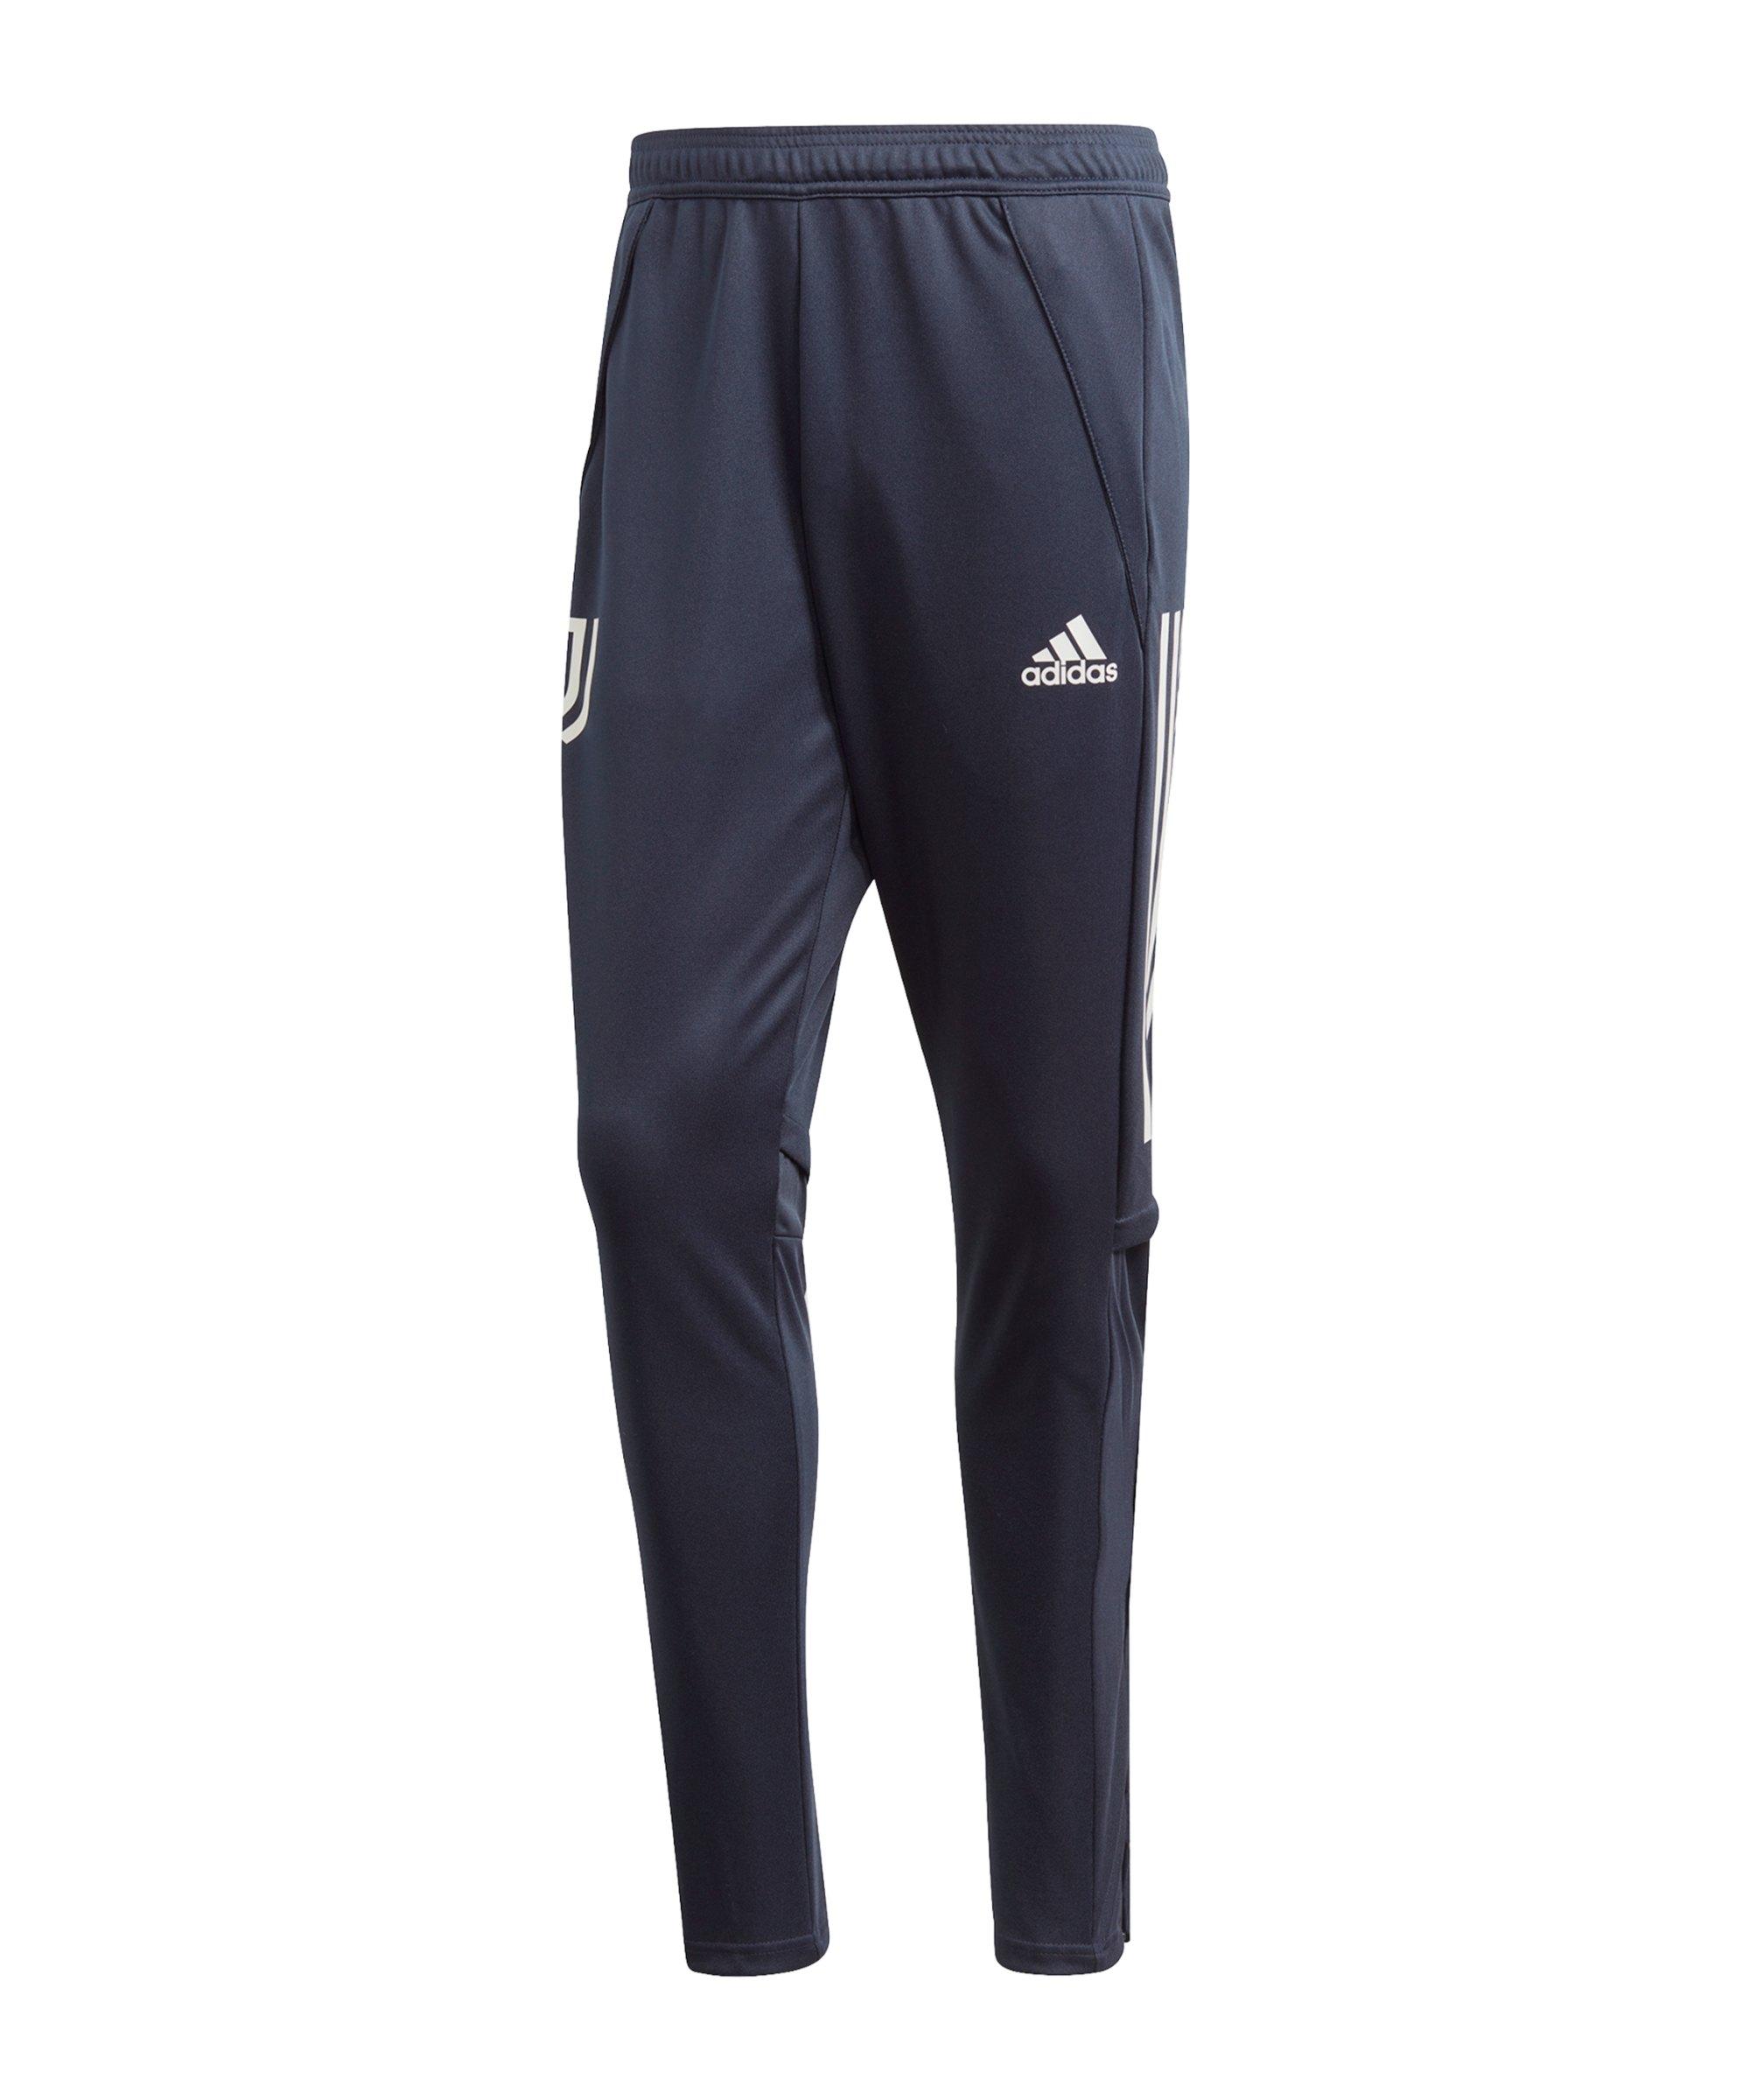 adidas Juventus Turin Trainingshose Blau Grau - blau